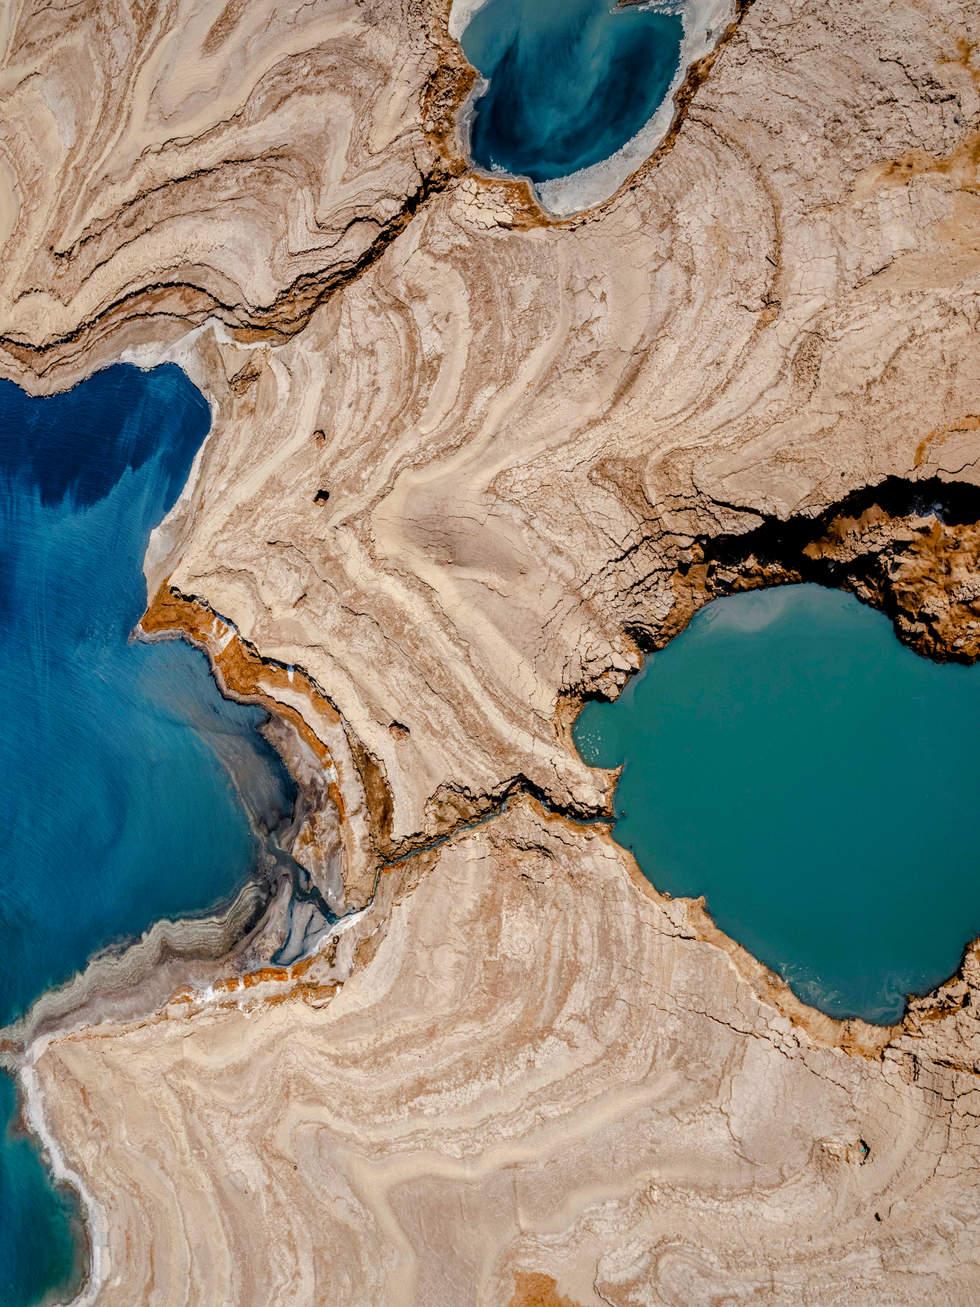 'Mohawk', Dead Sea, Israel